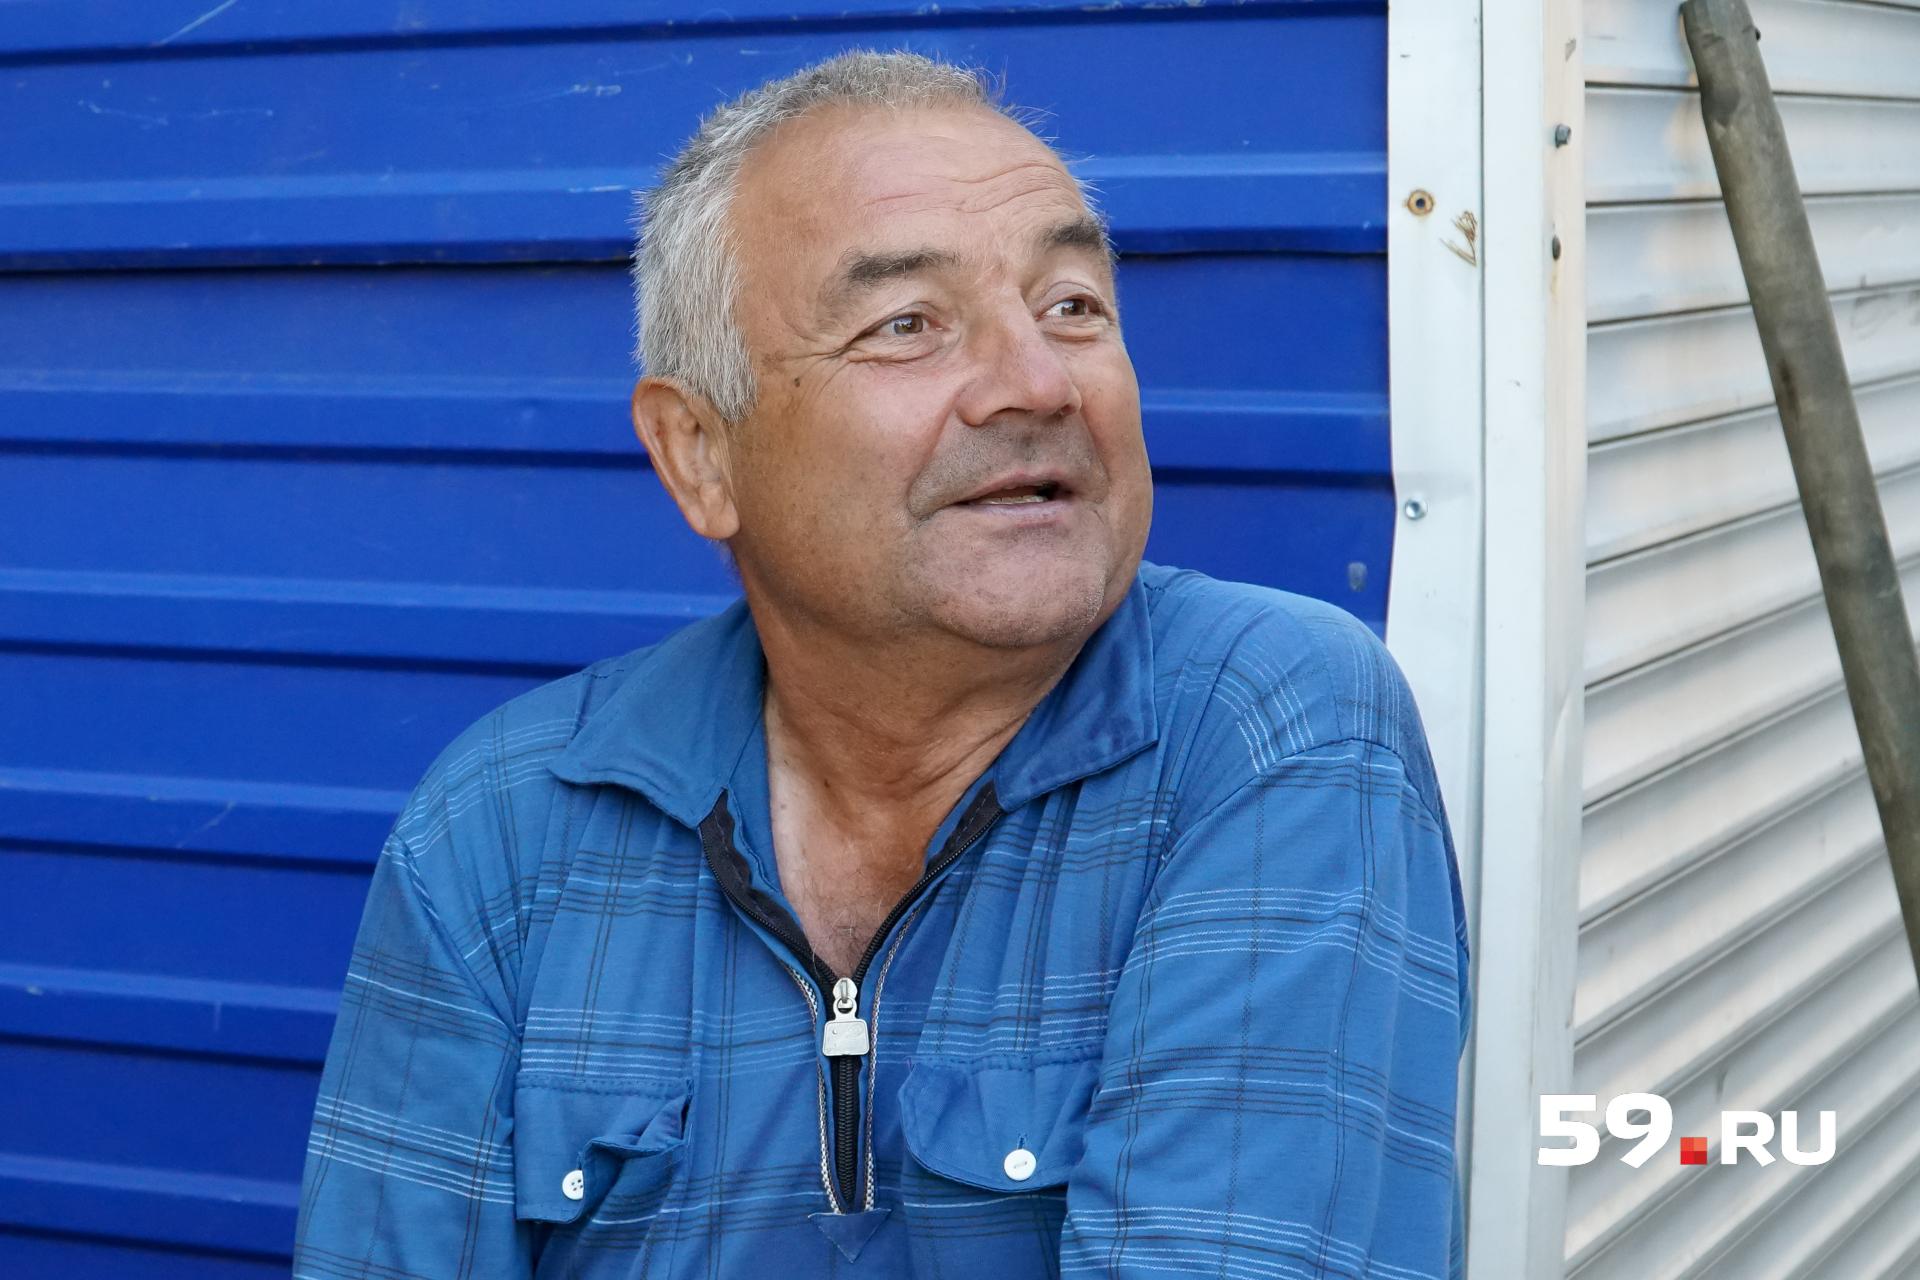 Николай 30 лет торговал на рынке самодельной бытовой электроникой